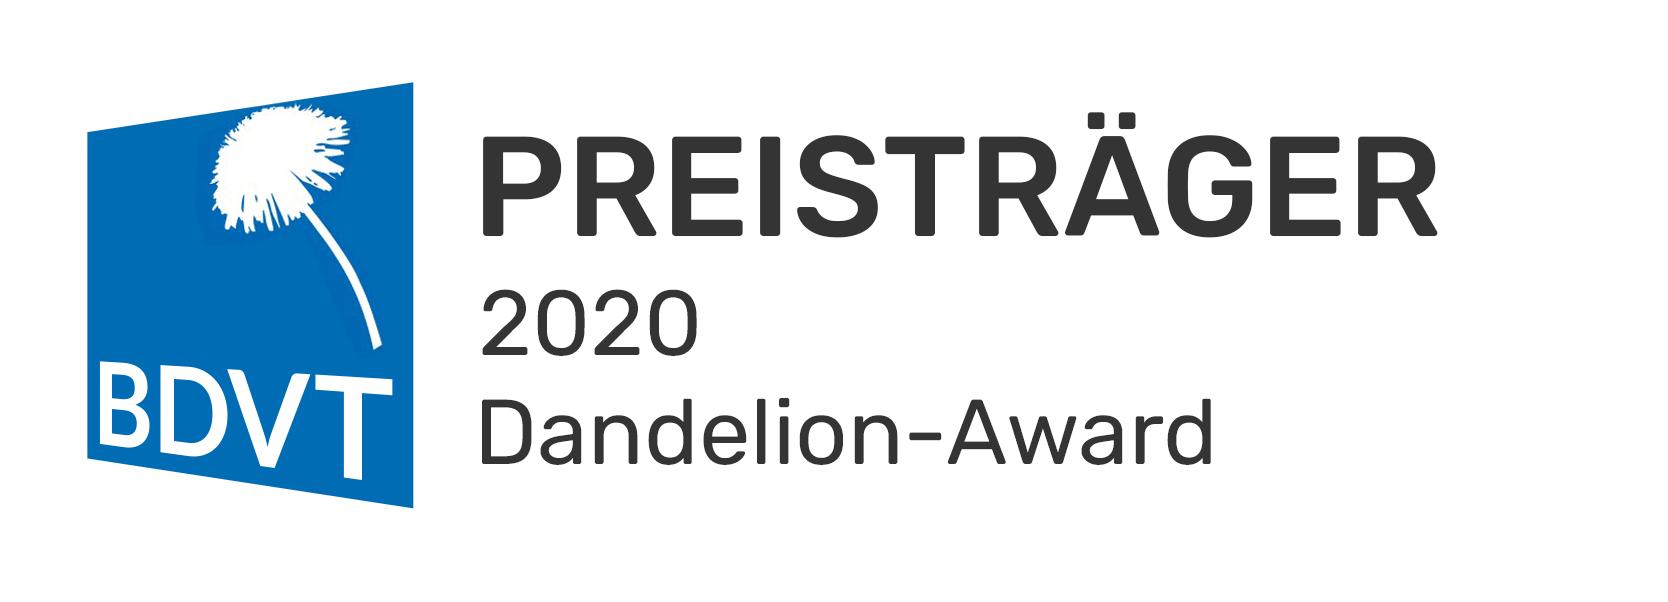 Logo Preistraeger Dandelion Award 2020 v5